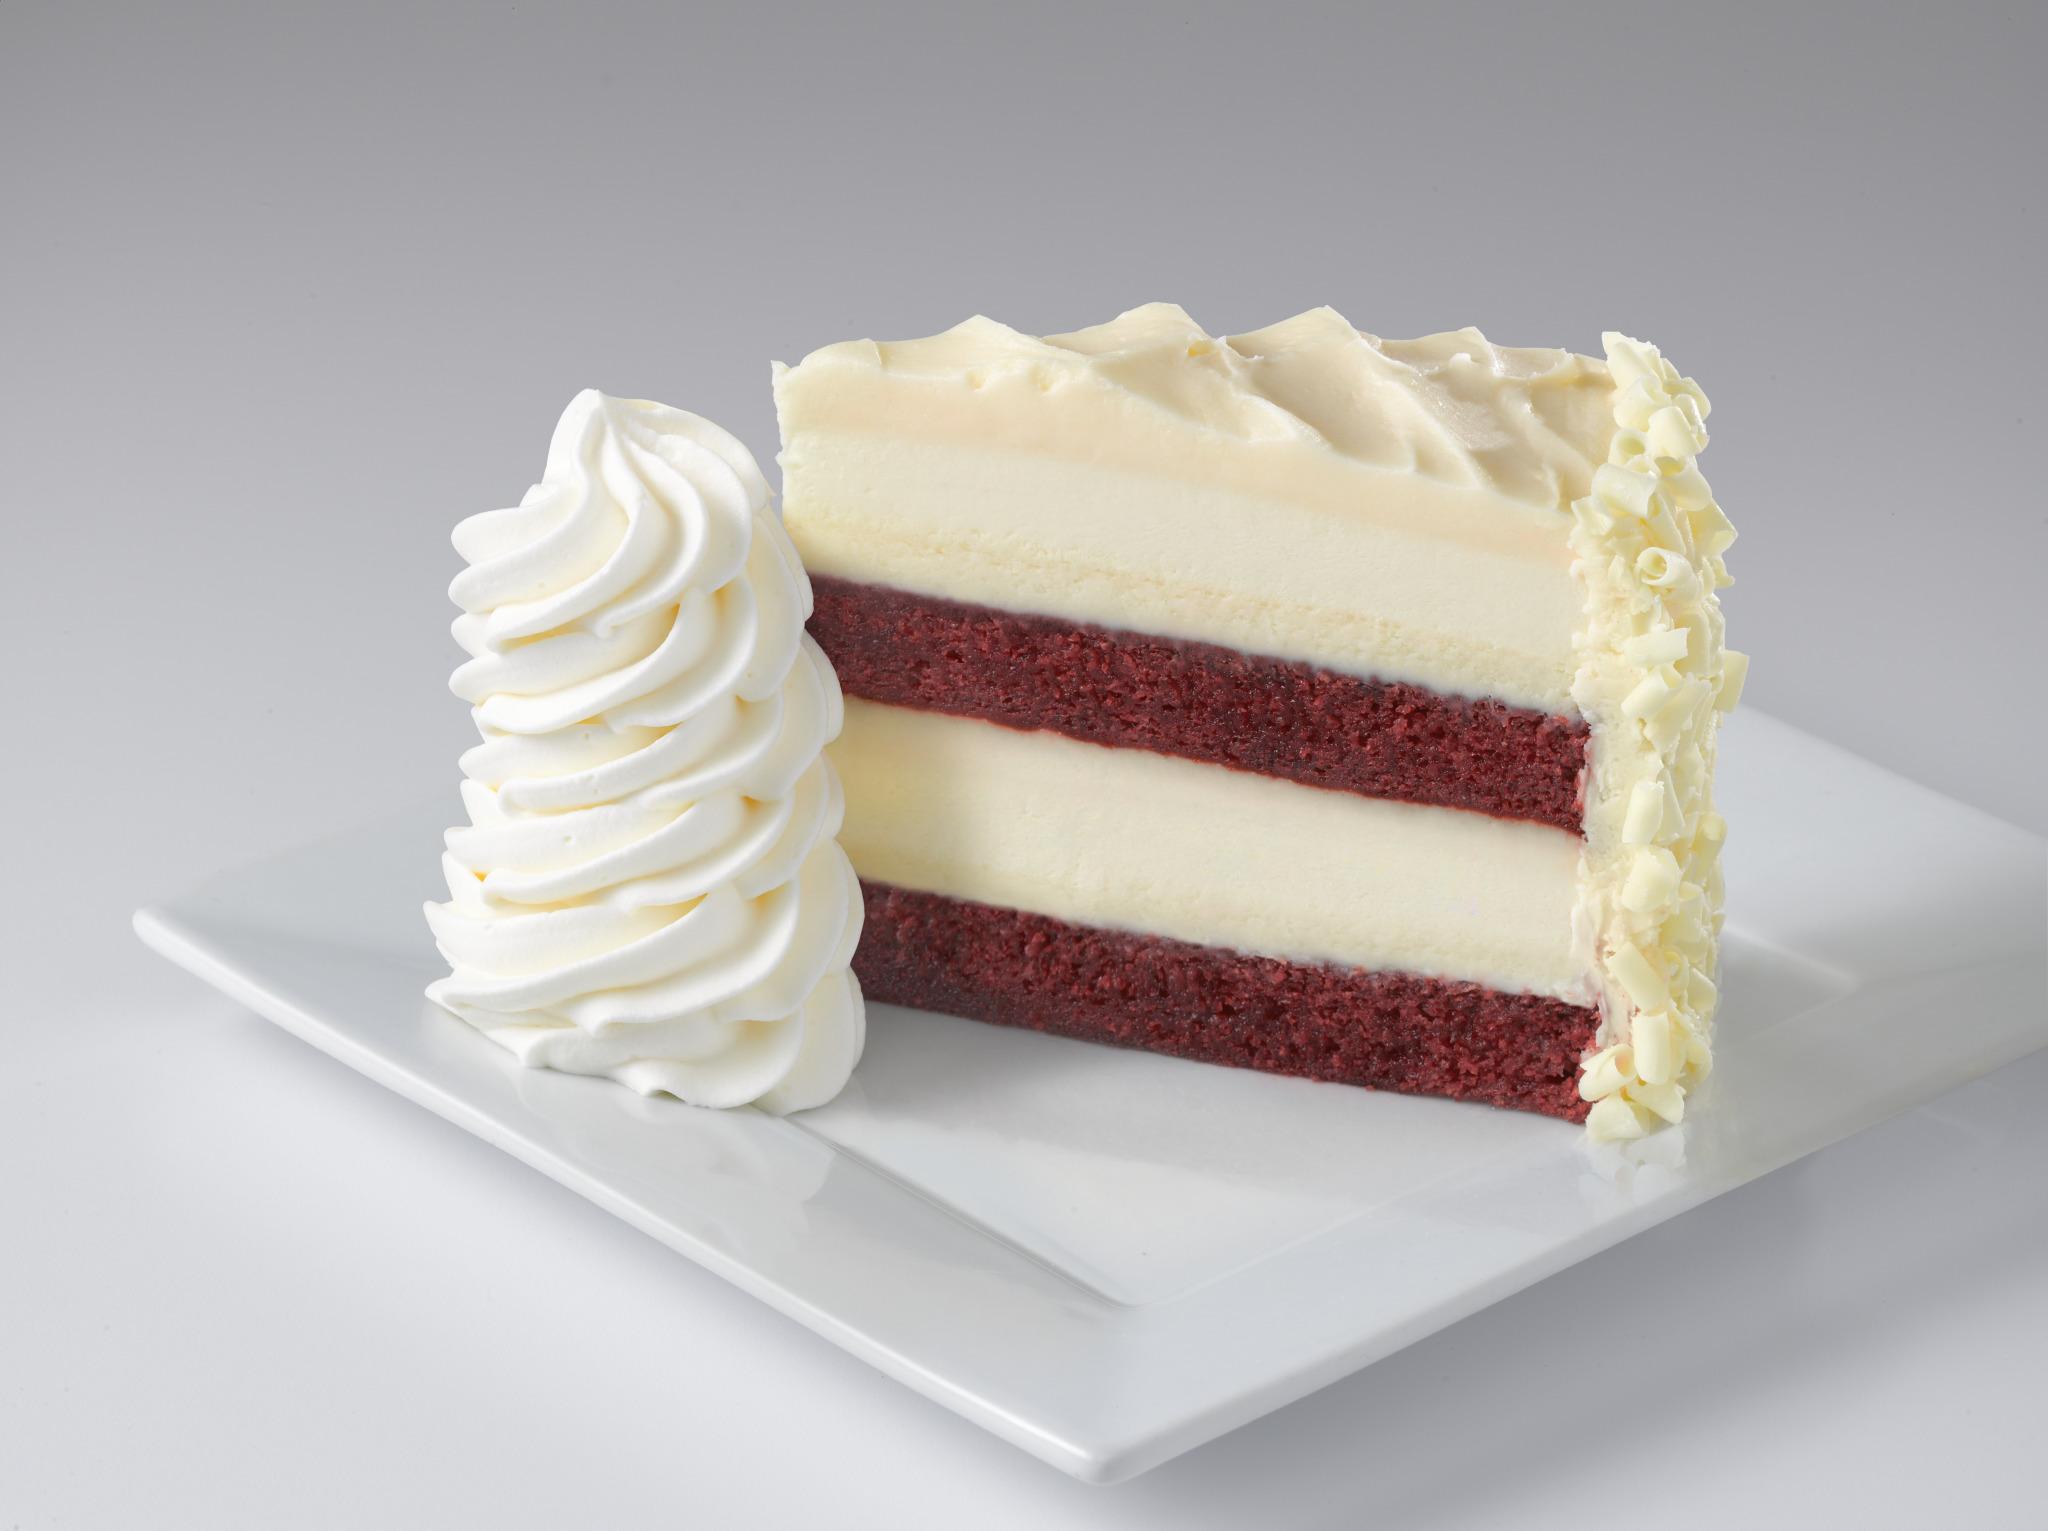 紅絲絨芝士蛋糕